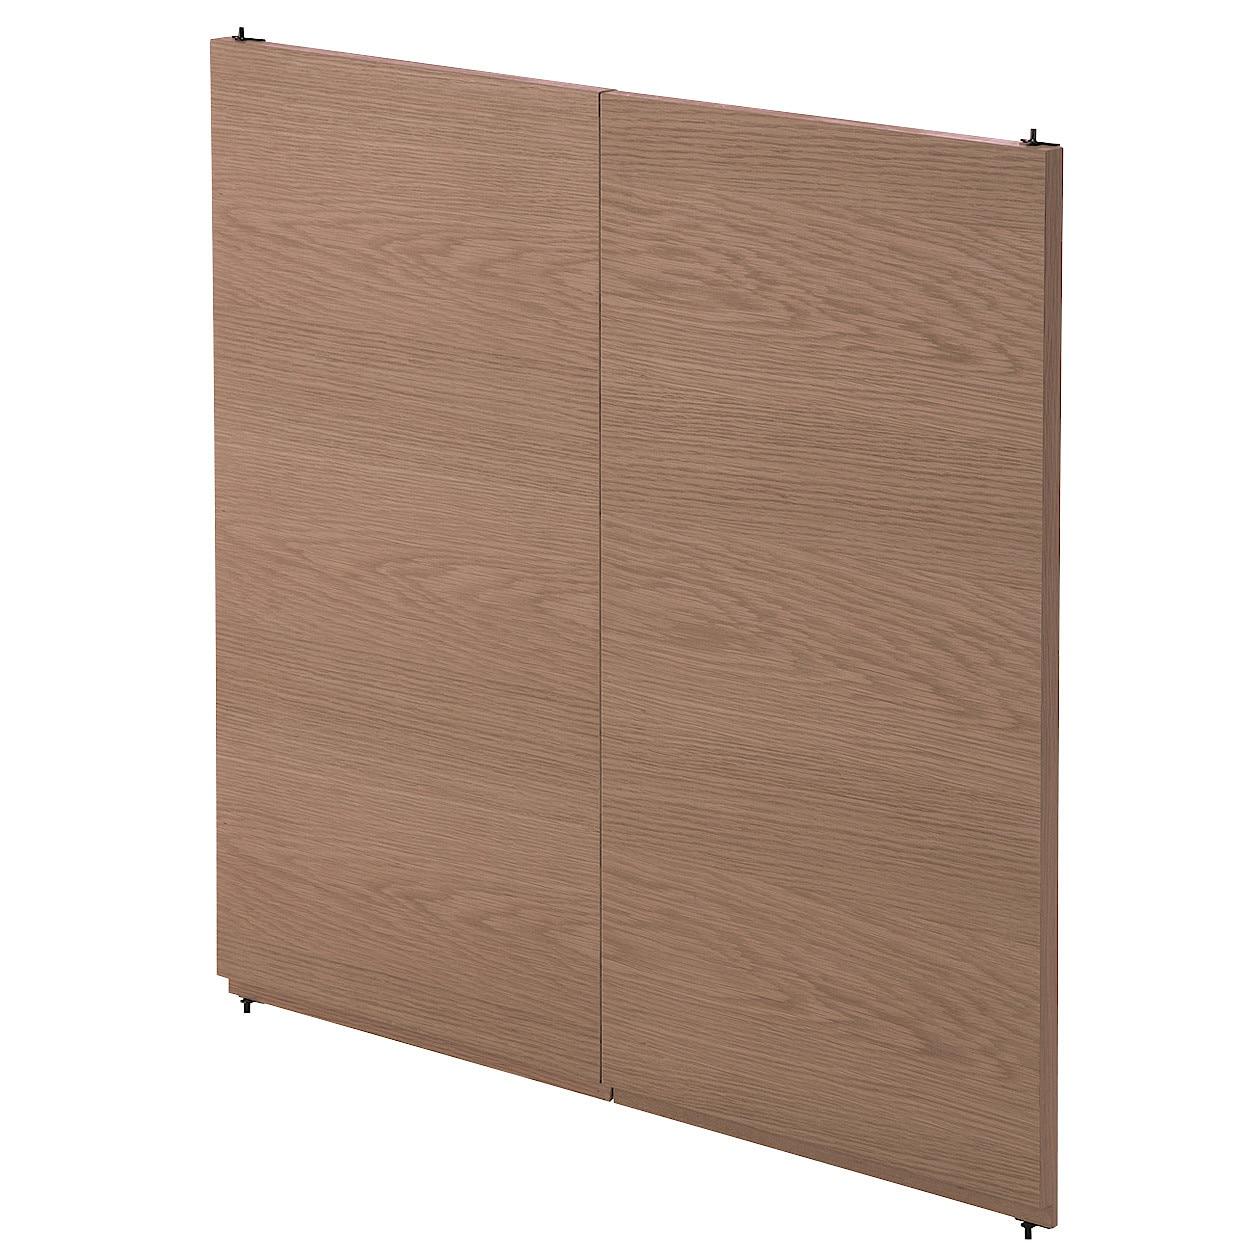 スタッキングキャビネット・木製扉ハイタイプ(左右セット)・ウォールナット材